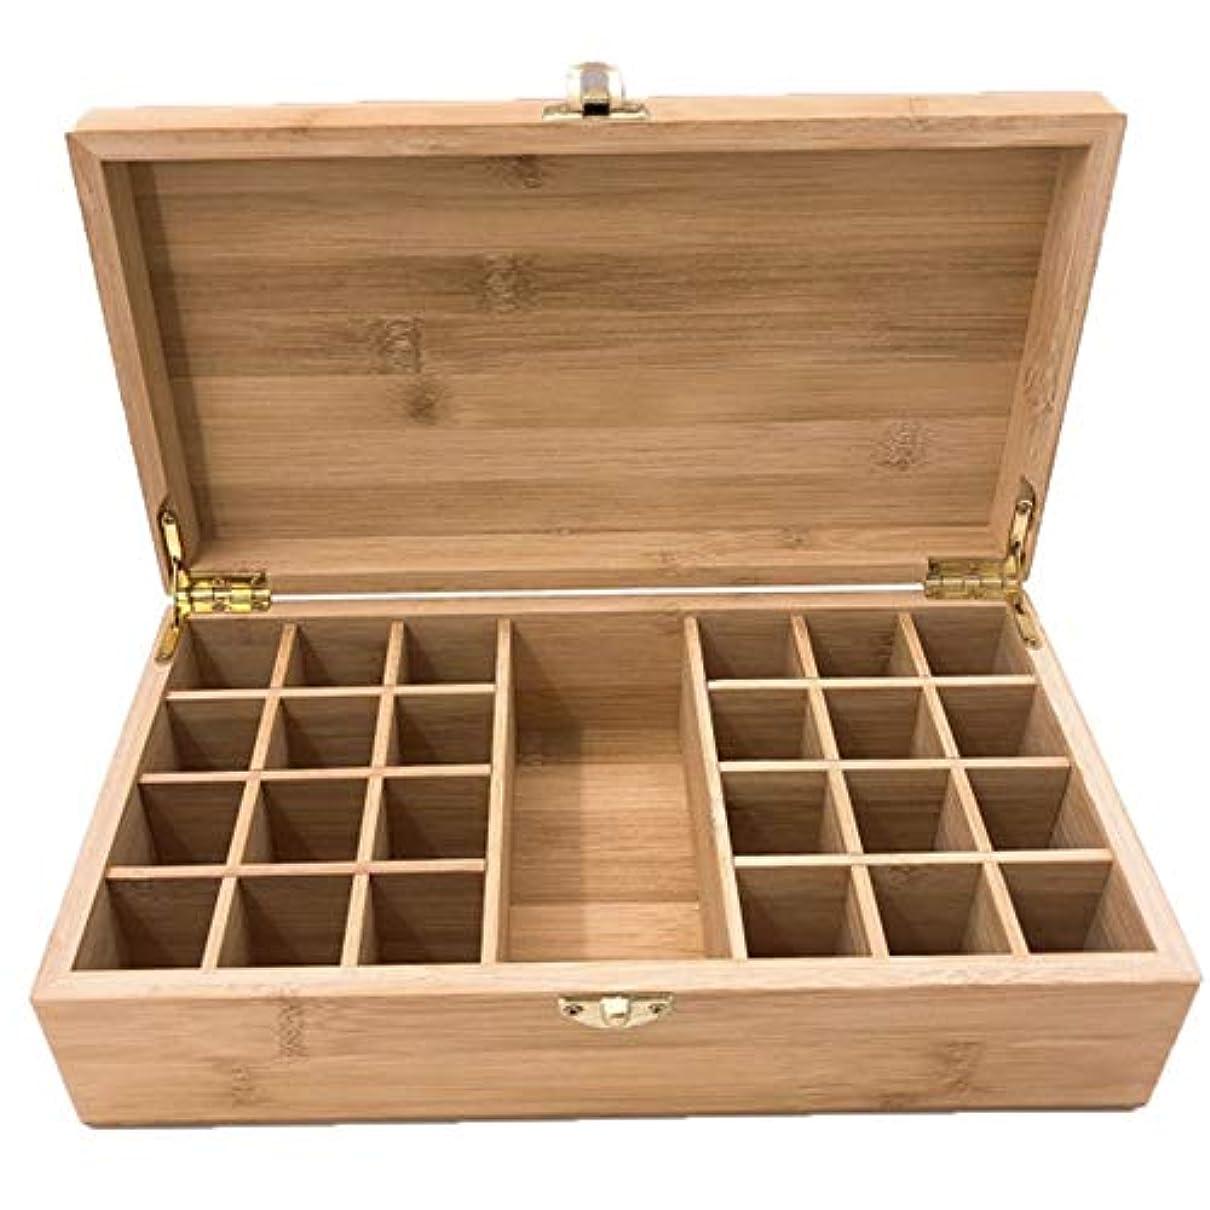 視聴者メロディアスエスカレートエッセンシャルオイルストレージボックスケース木製??の主催者は25本のキャリングセーフボトルやホームストレージの表示を保持します アロマセラピー製品 (色 : Natural, サイズ : 27.5X15X8.3CM)